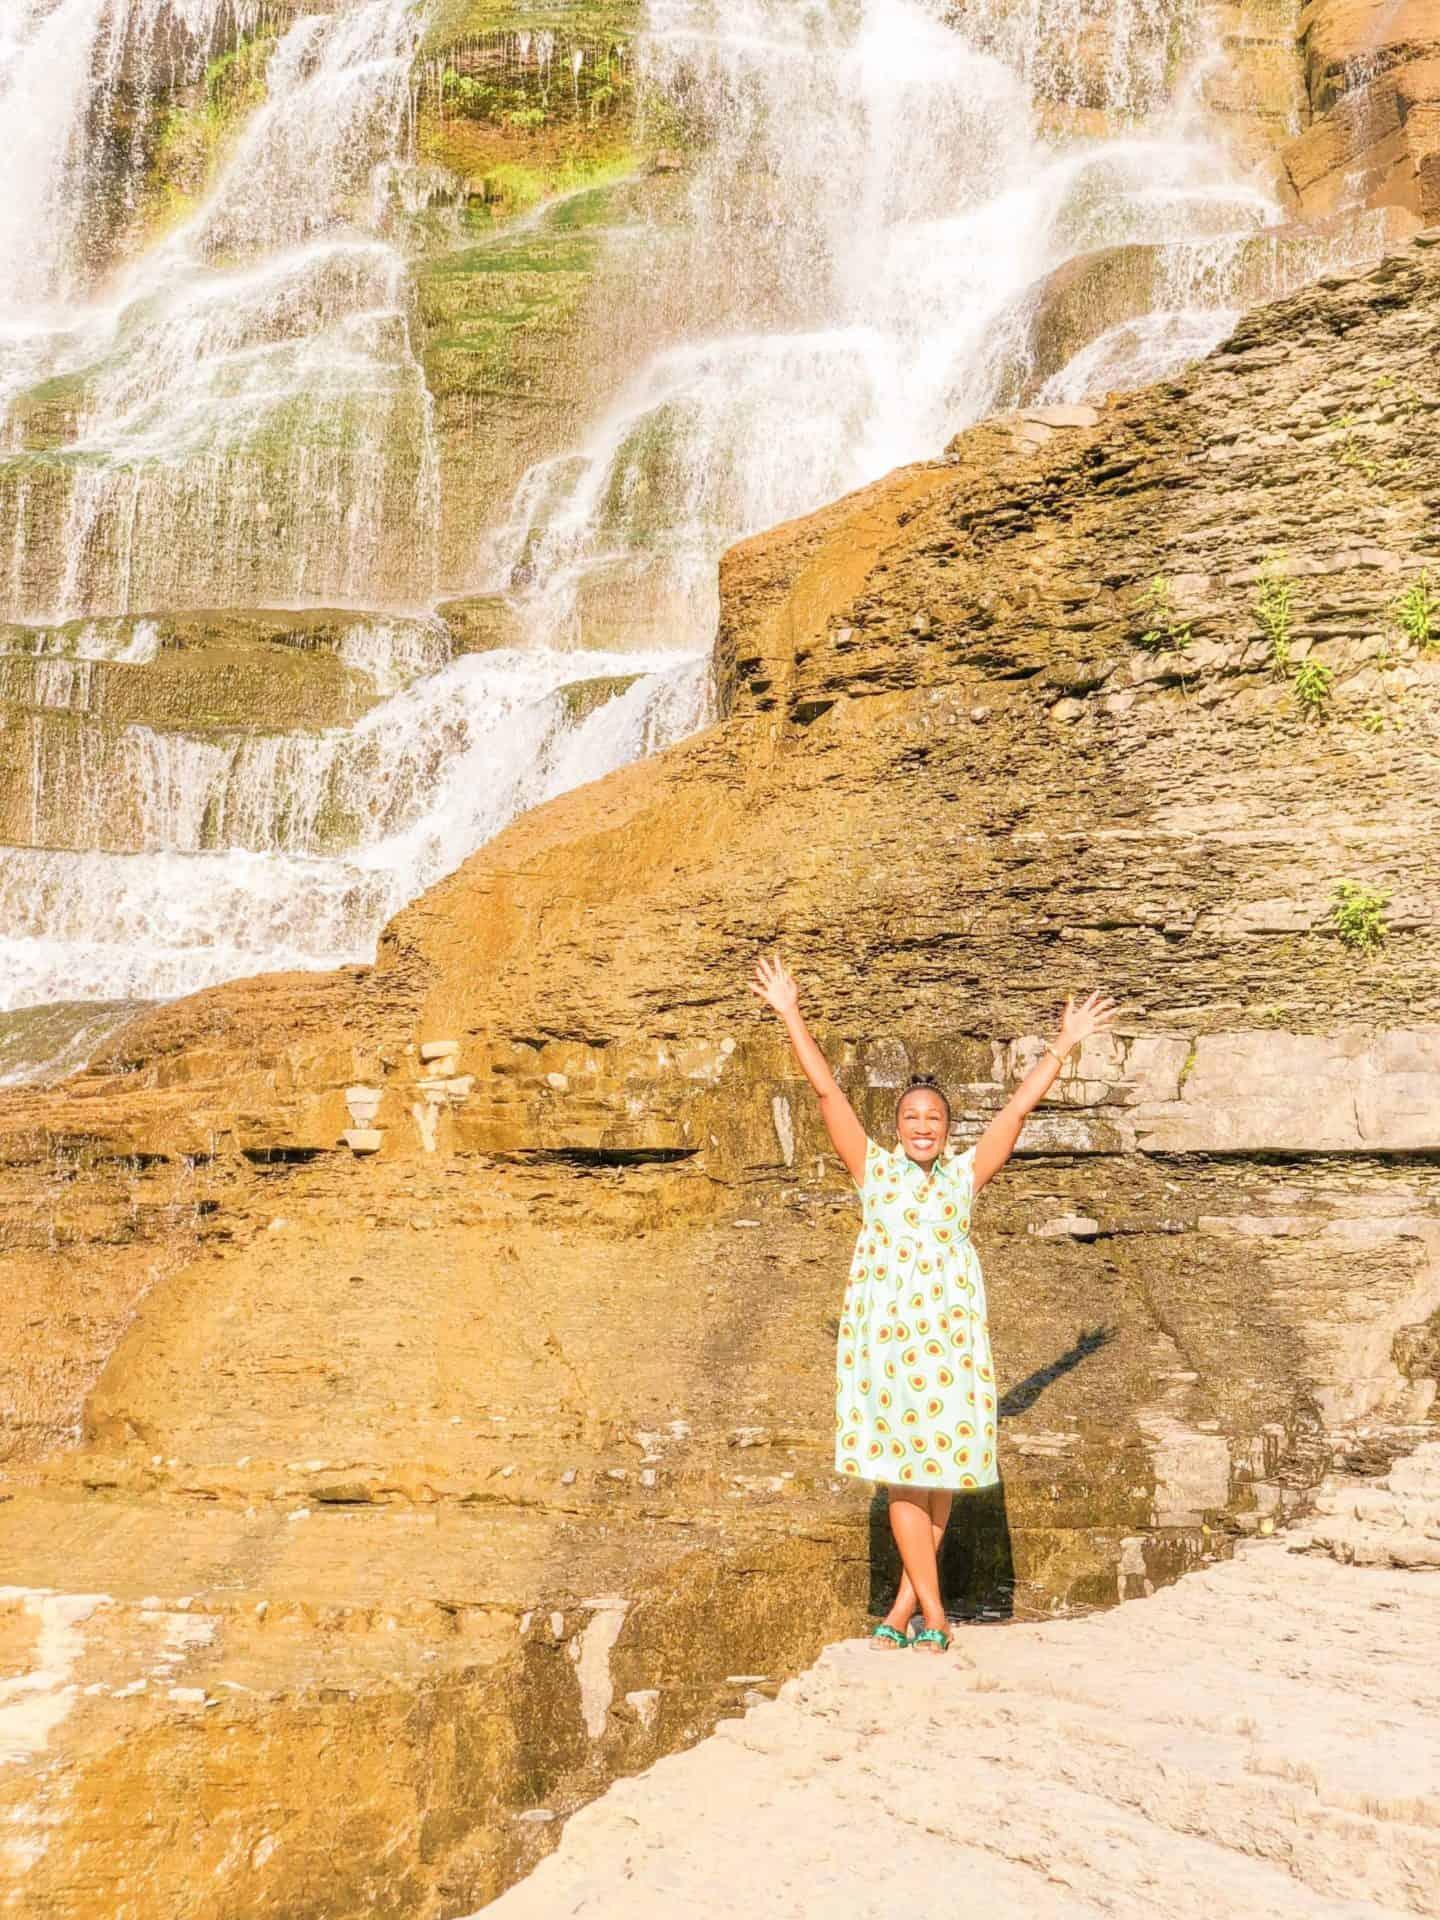 Shaunda Necole- Chasing Waterfalls